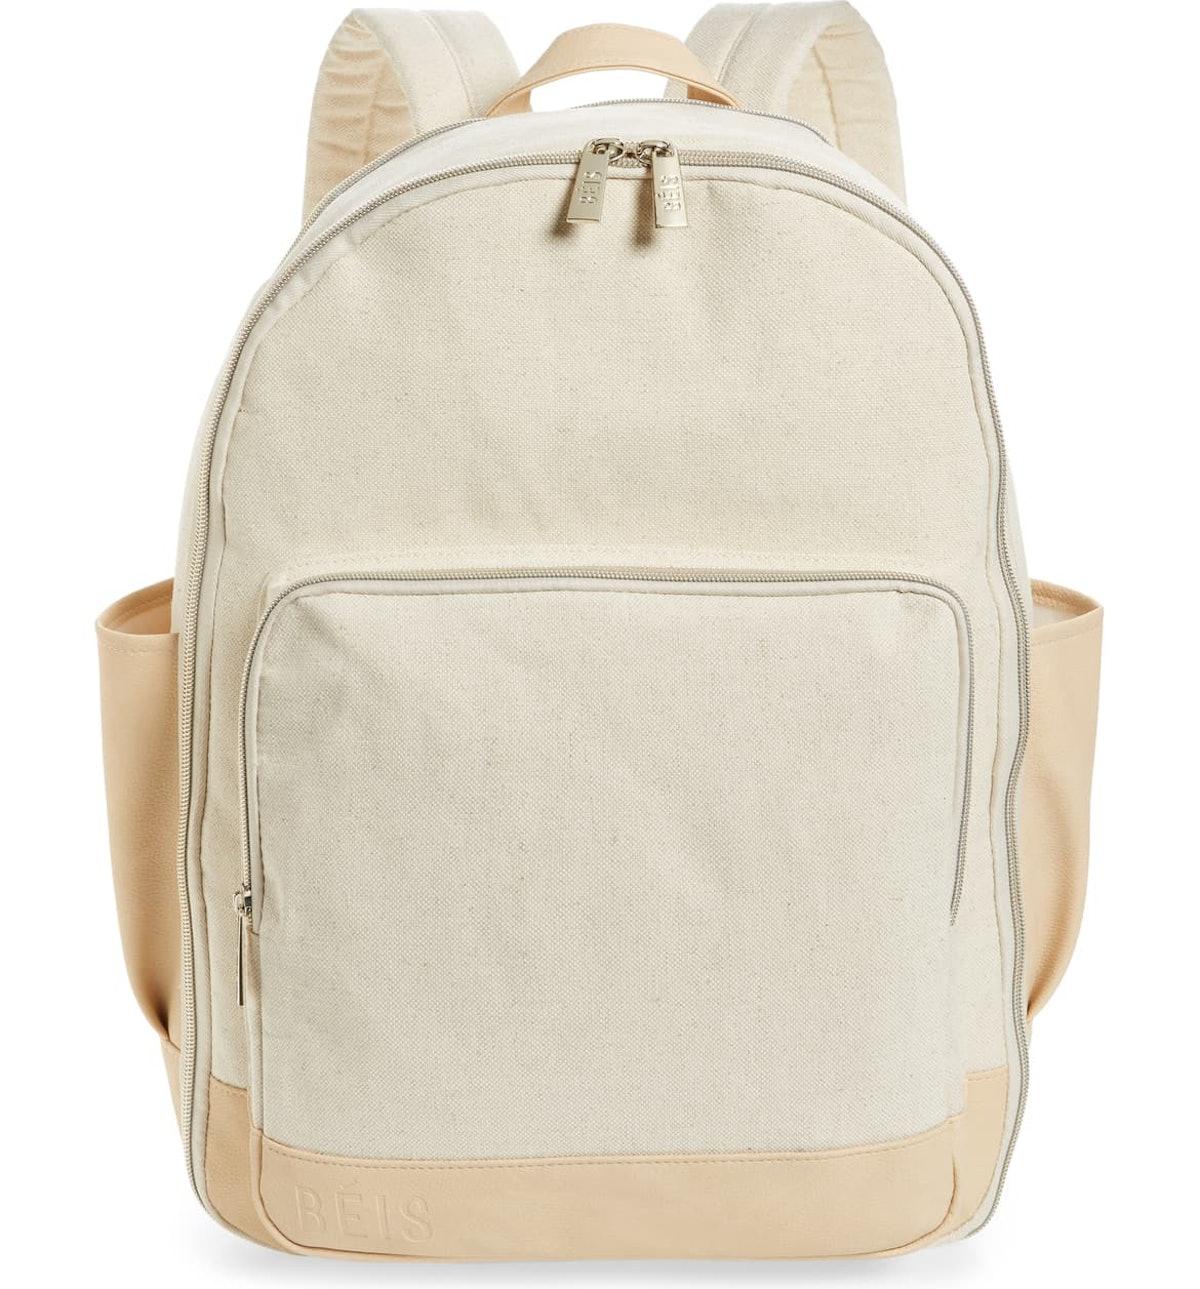 The Backpack BÉIS